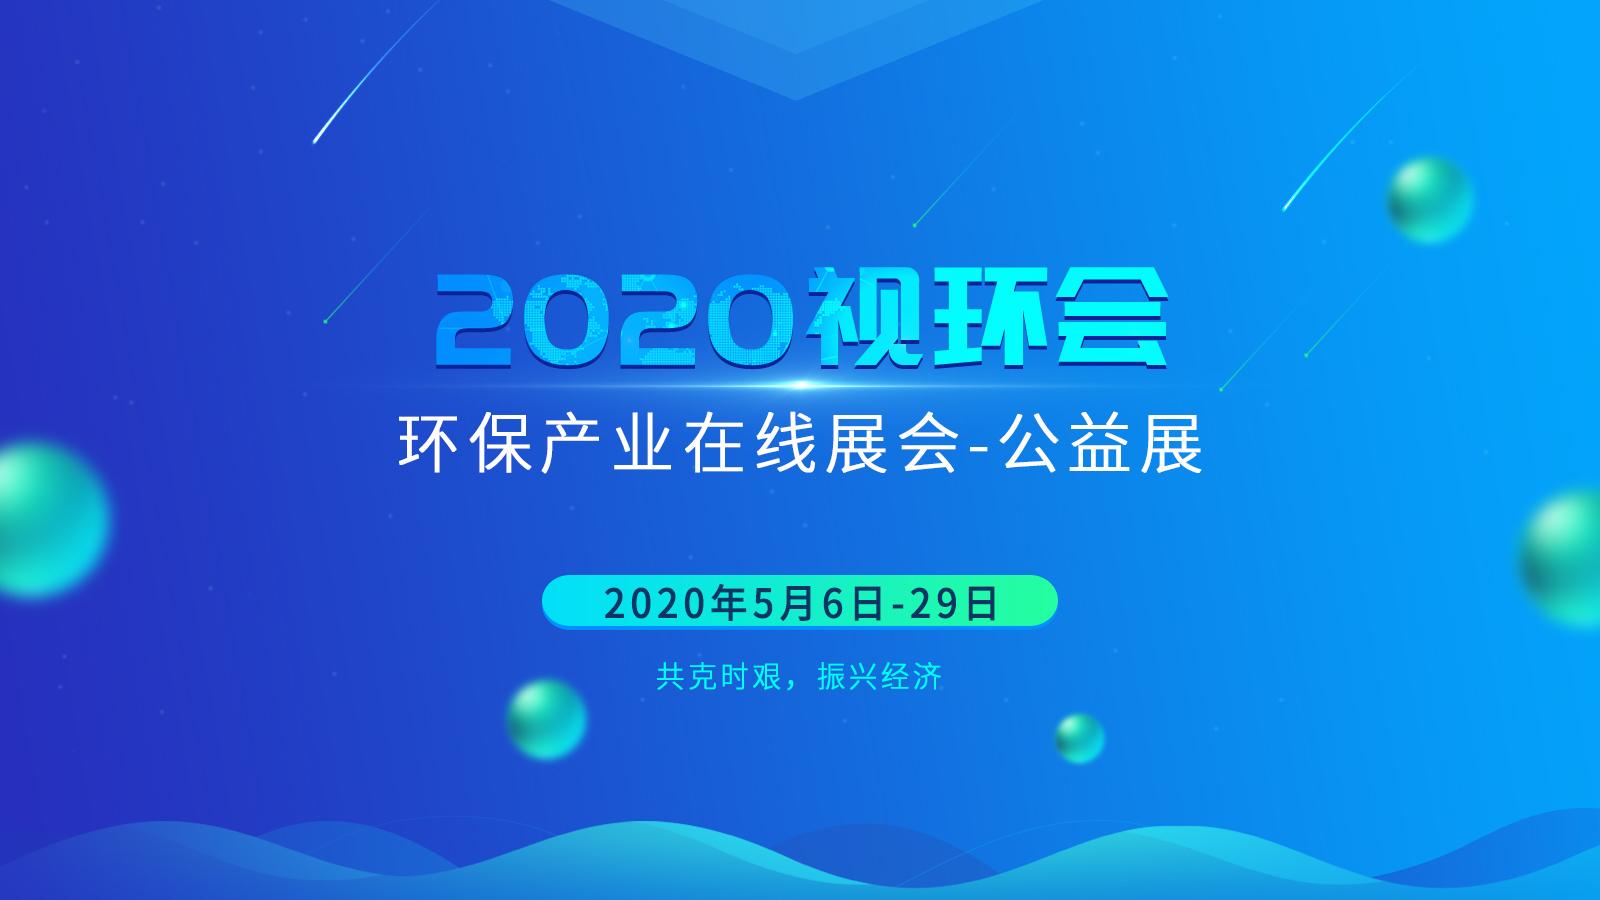 2020視環會·環保產業在線展覽會-公益展開幕式